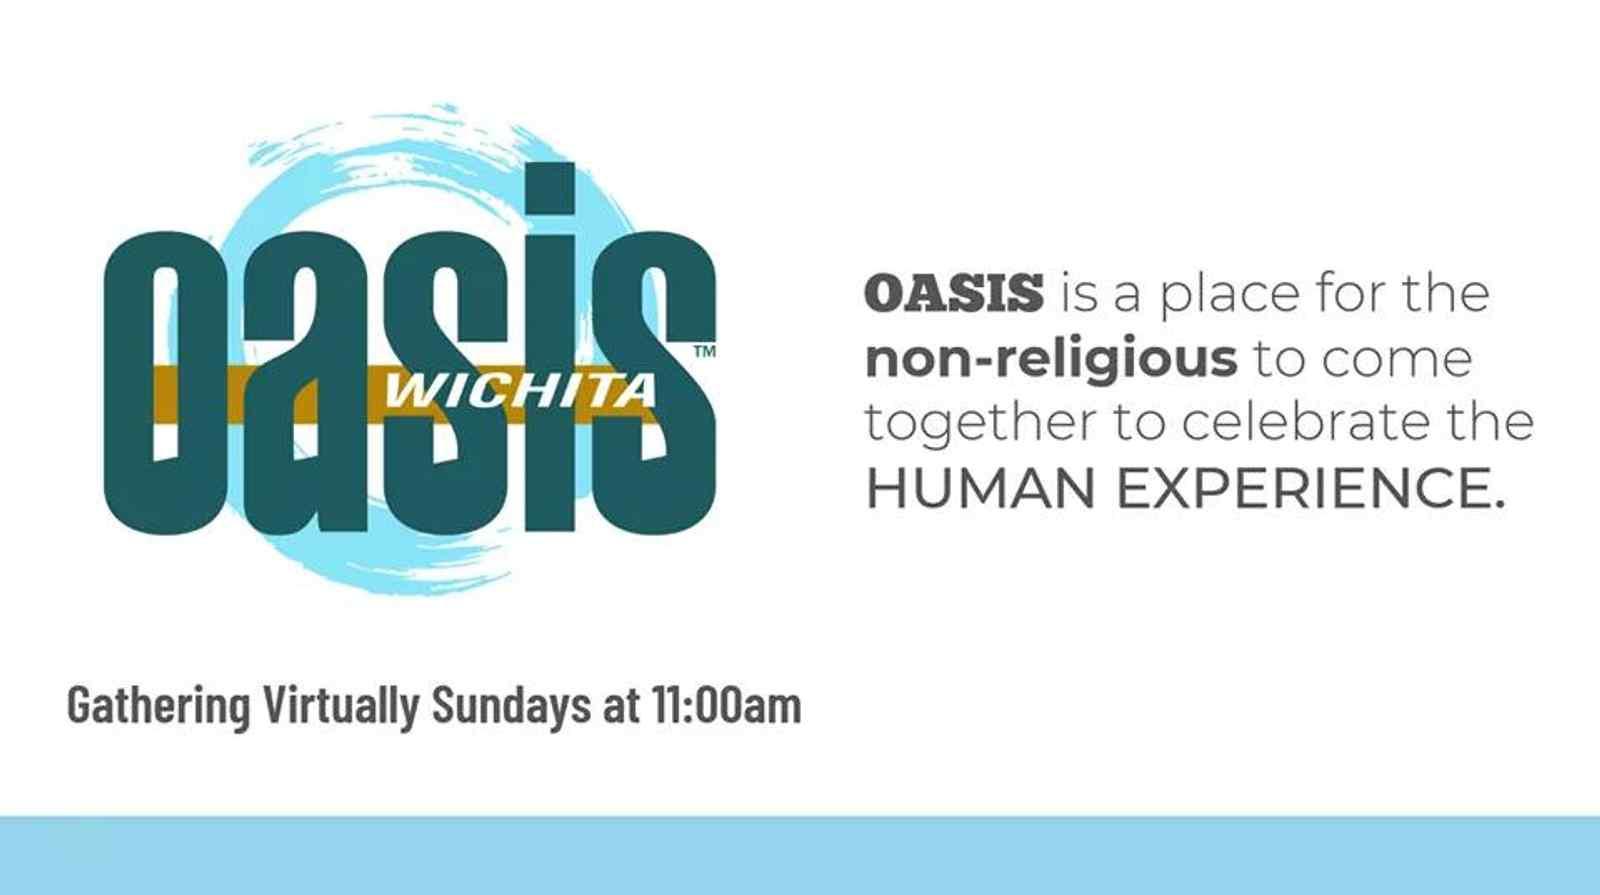 Wichita Oasis - Sunday Virtual Gathering